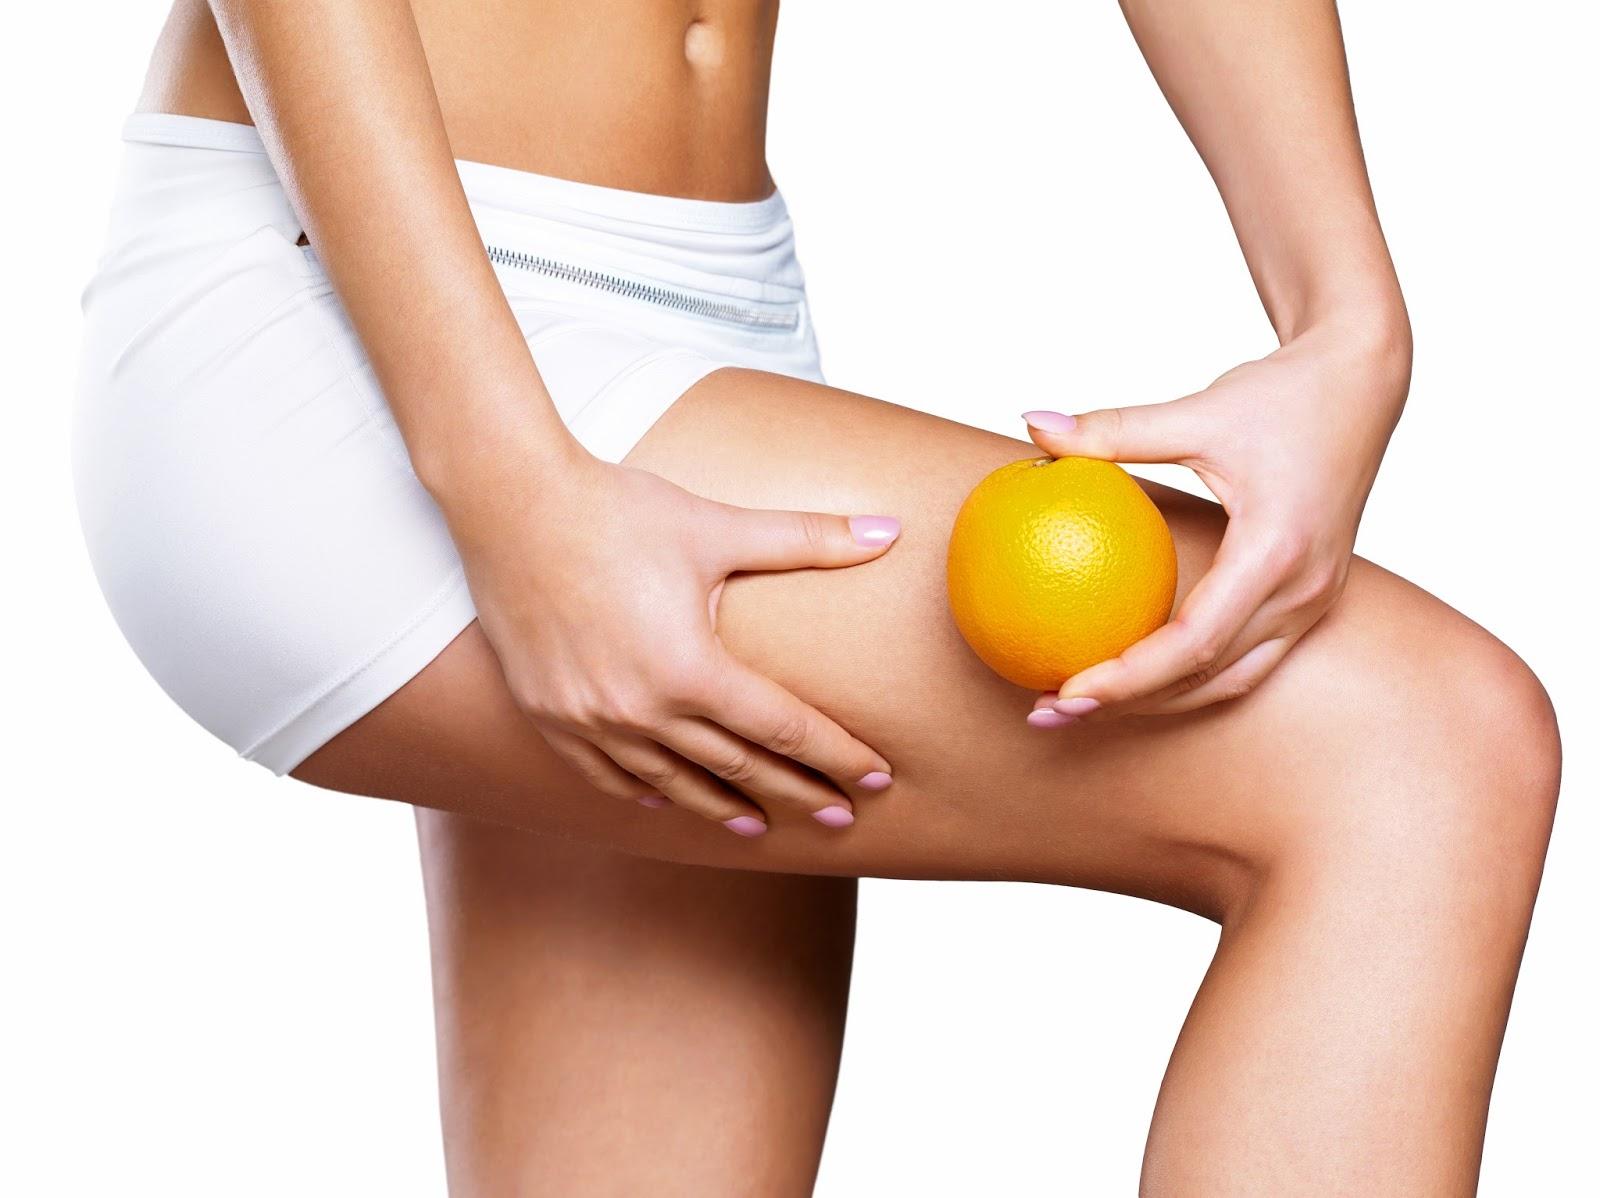 kemungkinan mempunyai hal yang paling tidak di ingin perempuan muncul pada permukaan kulitnya Cara Alami Menghilangkan Selulit